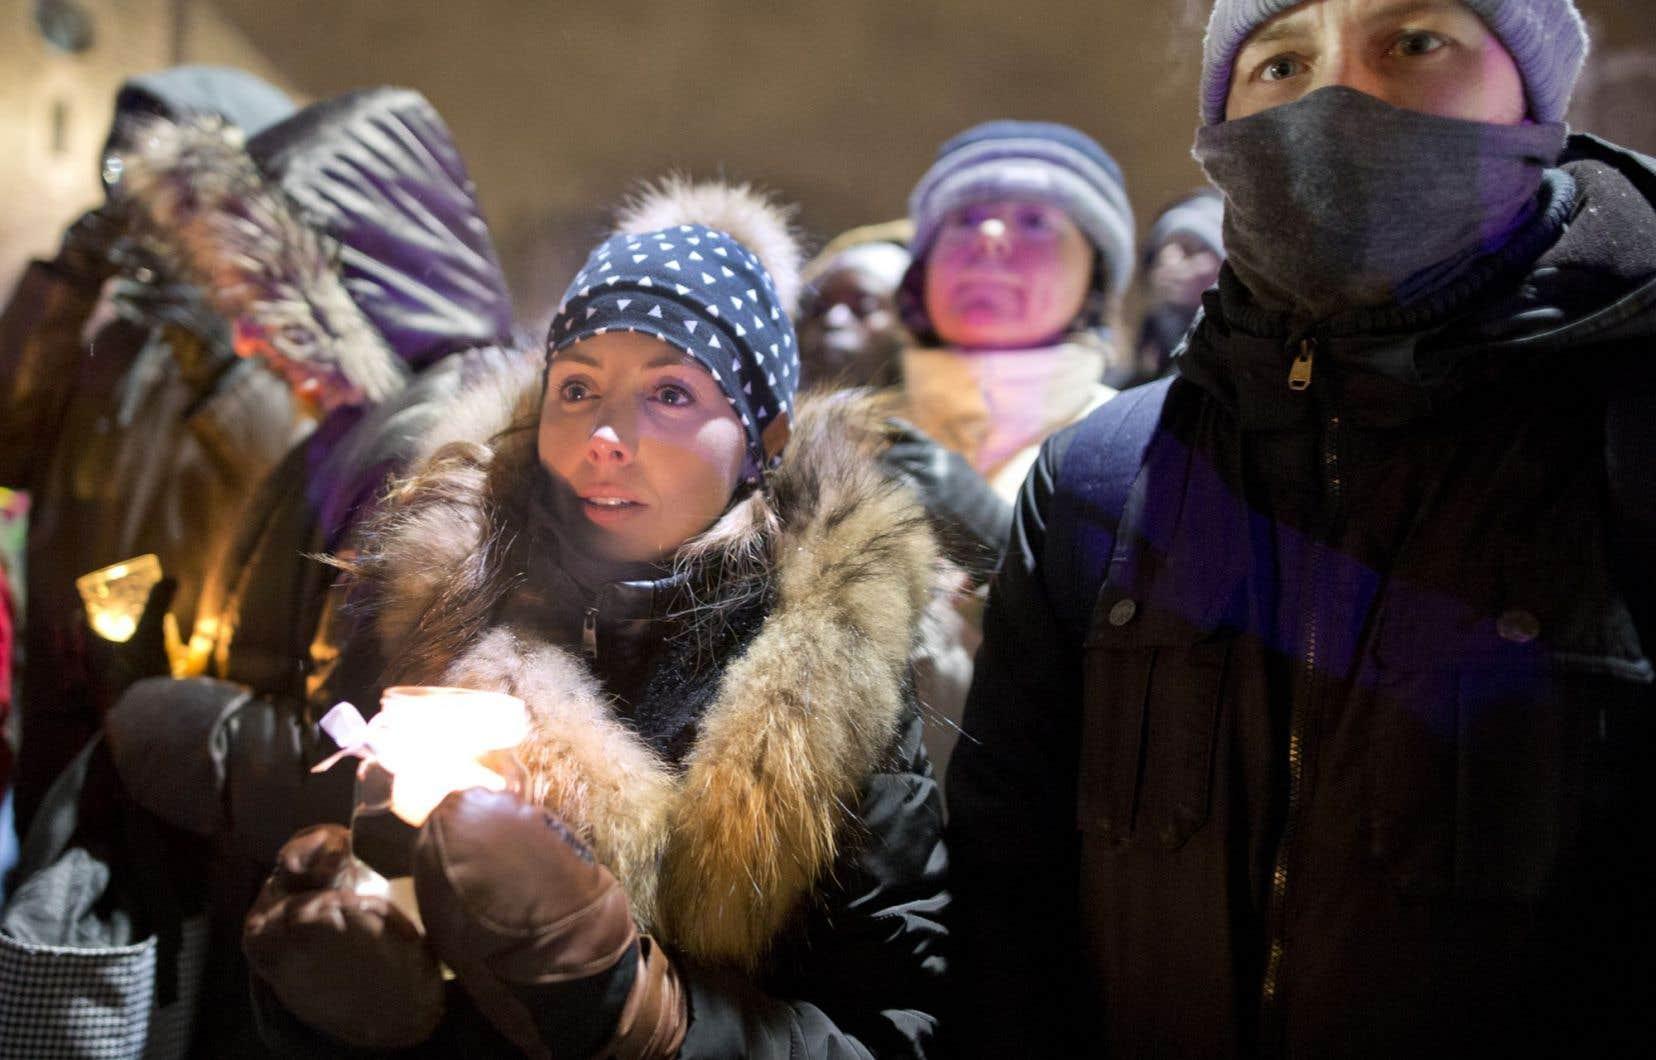 À Québec, des milliers de personnes ont participé à une veillée en mémoire des victimes de l'attentat qui a touché la capitale la veille.